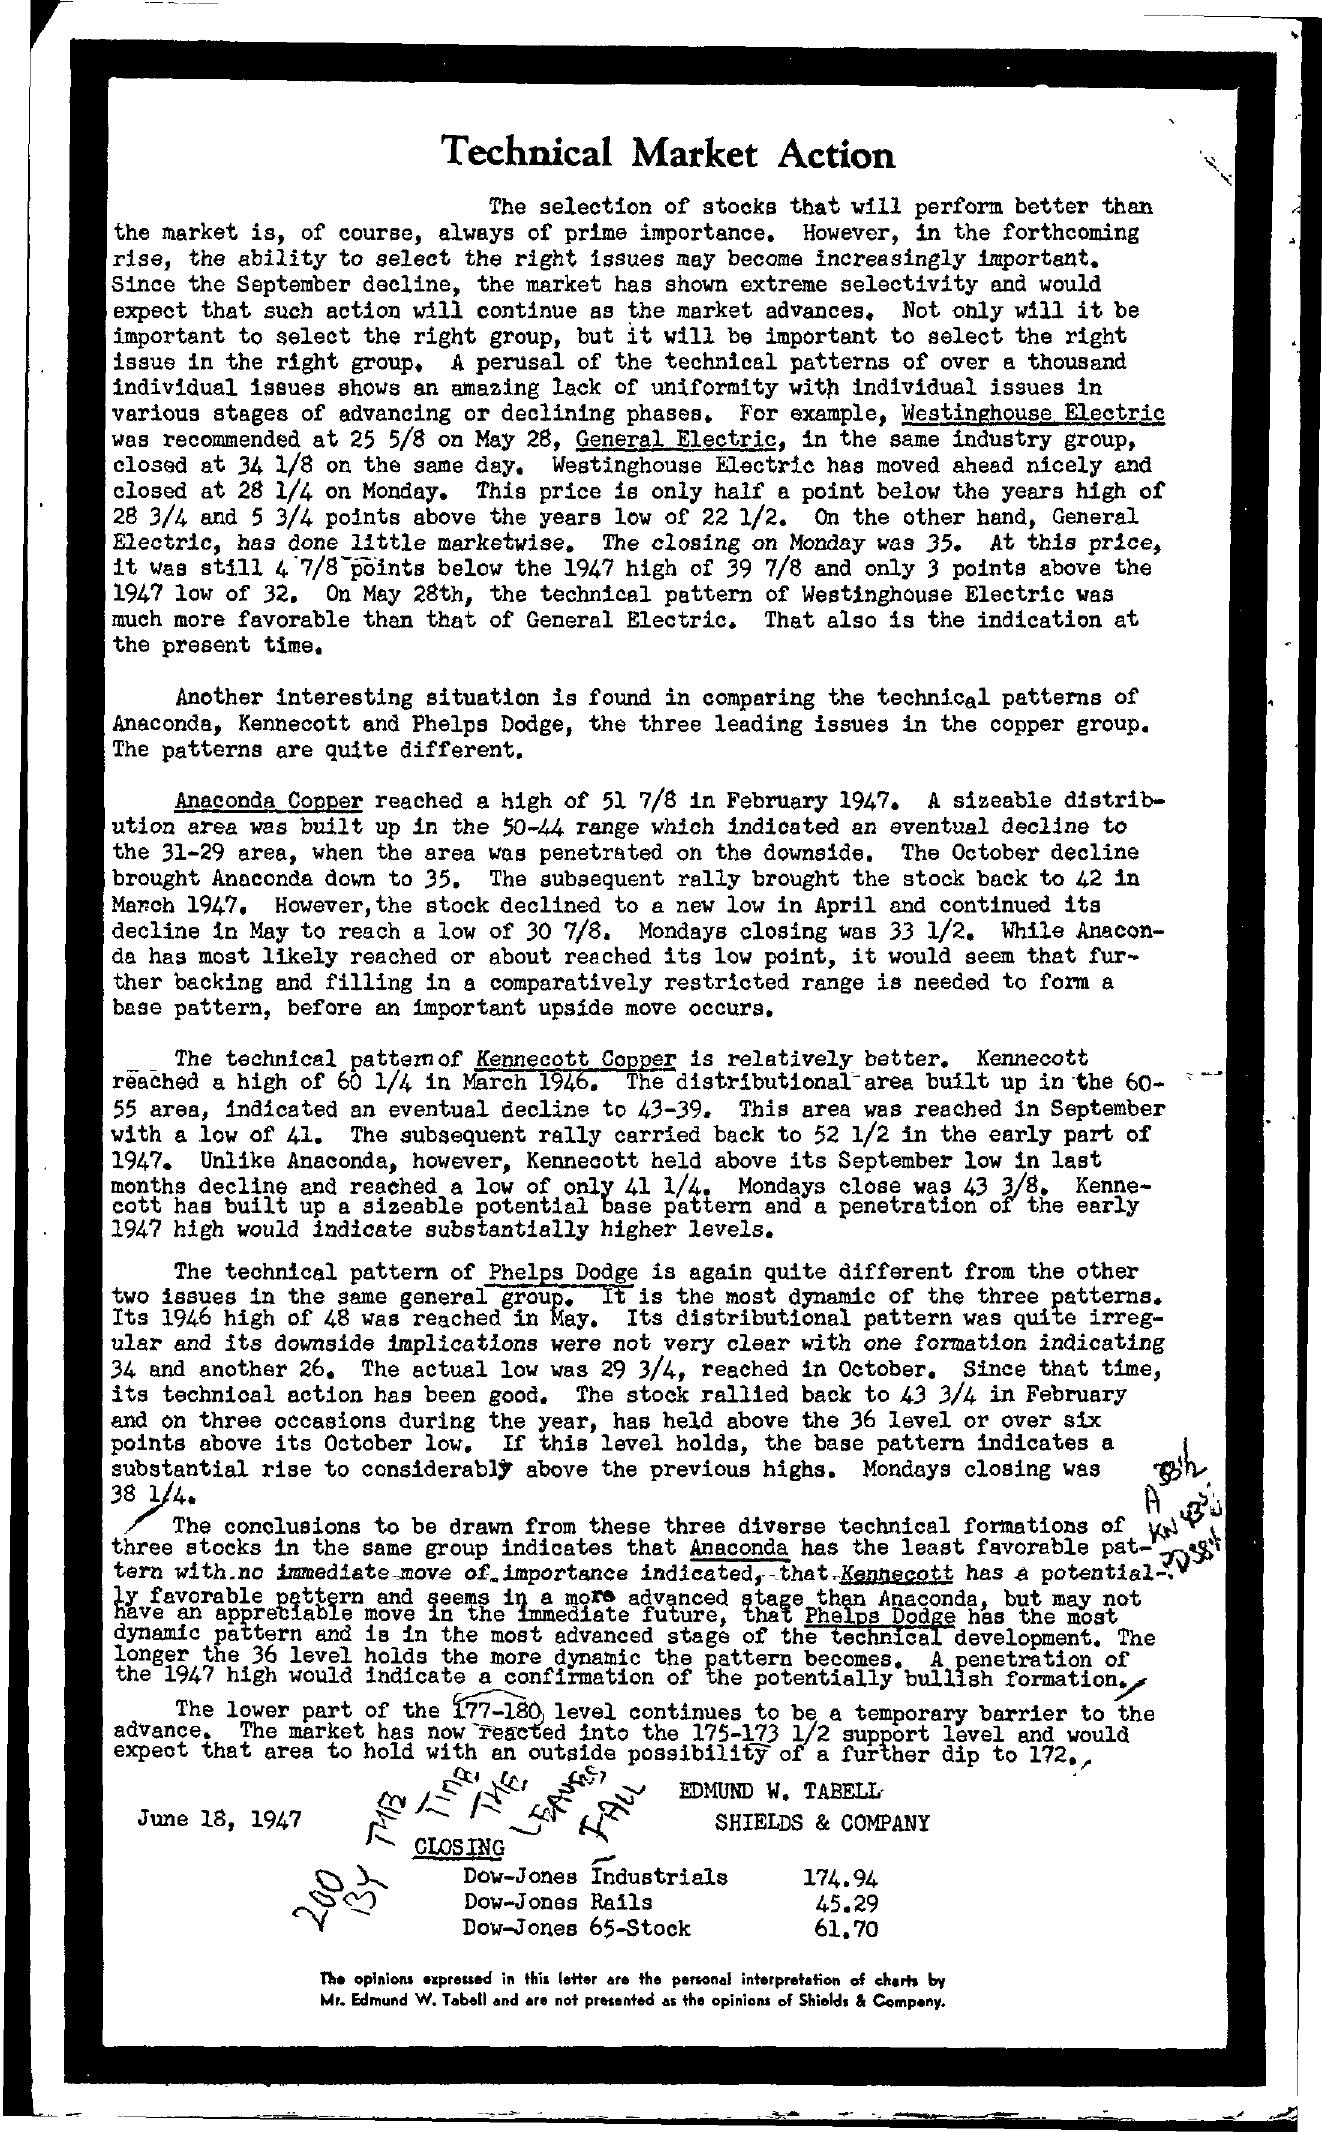 Tabell's Market Letter - June 18, 1947